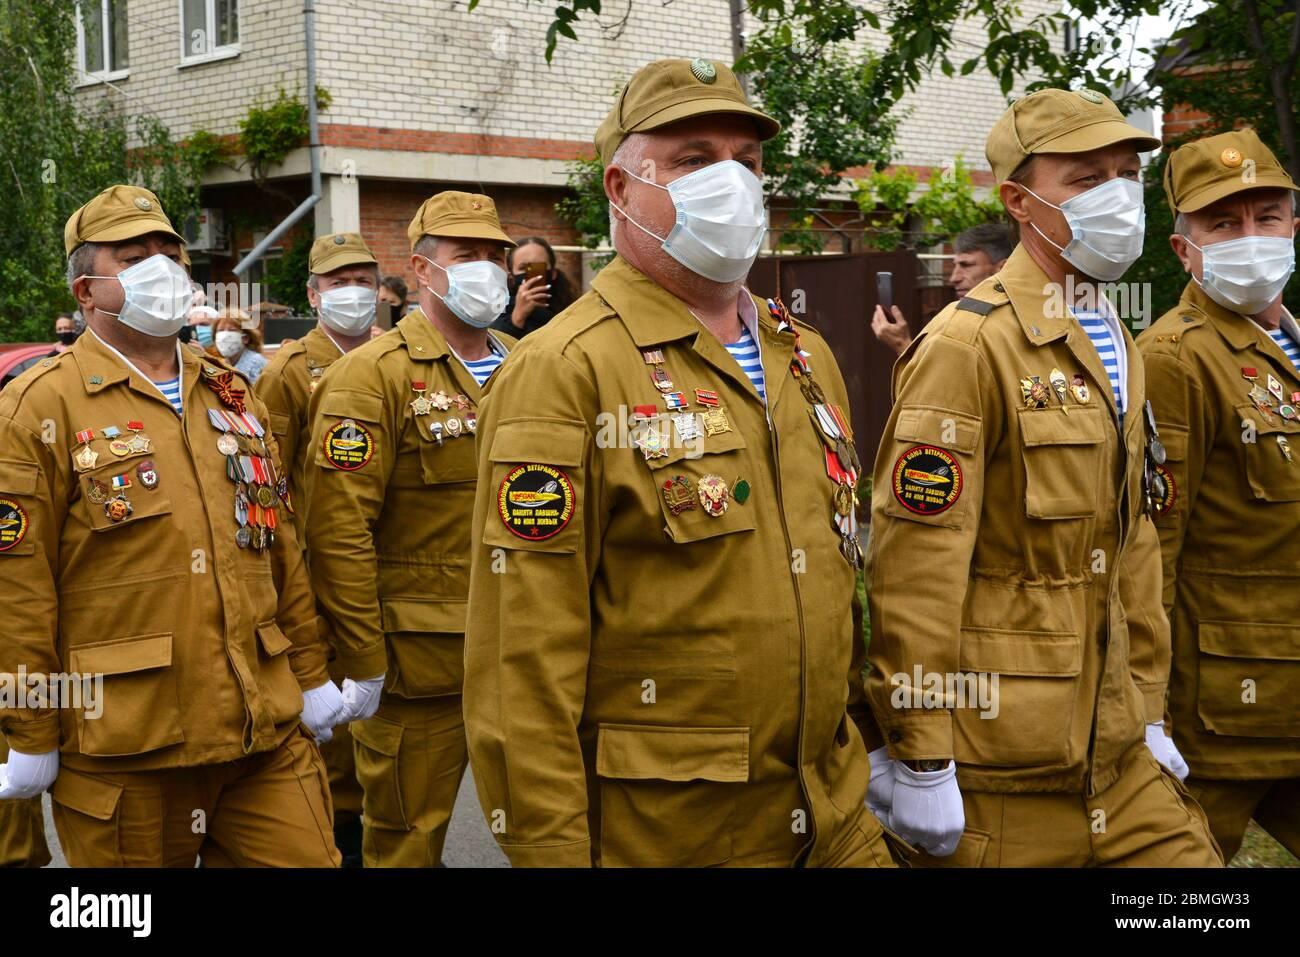 Krasnodar Rusia 9 De Mayo De 2020 Miembros De La Union De Veteranos De Afganistan Actuan